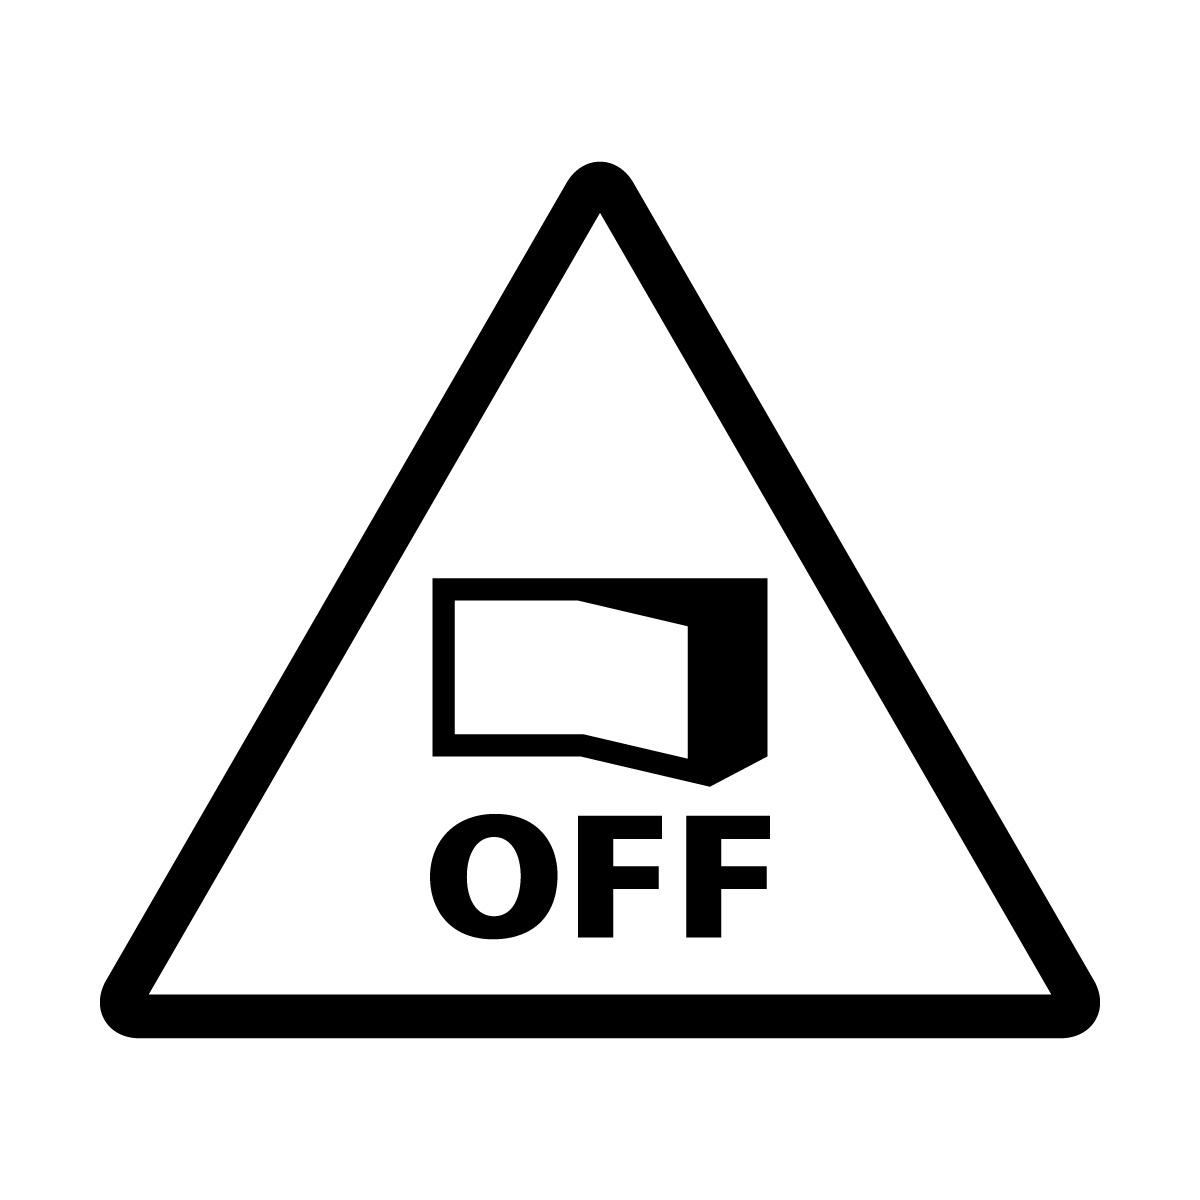 黒色の節電注意・電源OFF確認マークのカッティングステッカー・シール 光沢タイプ・防水・耐水・屋外耐候3~4年